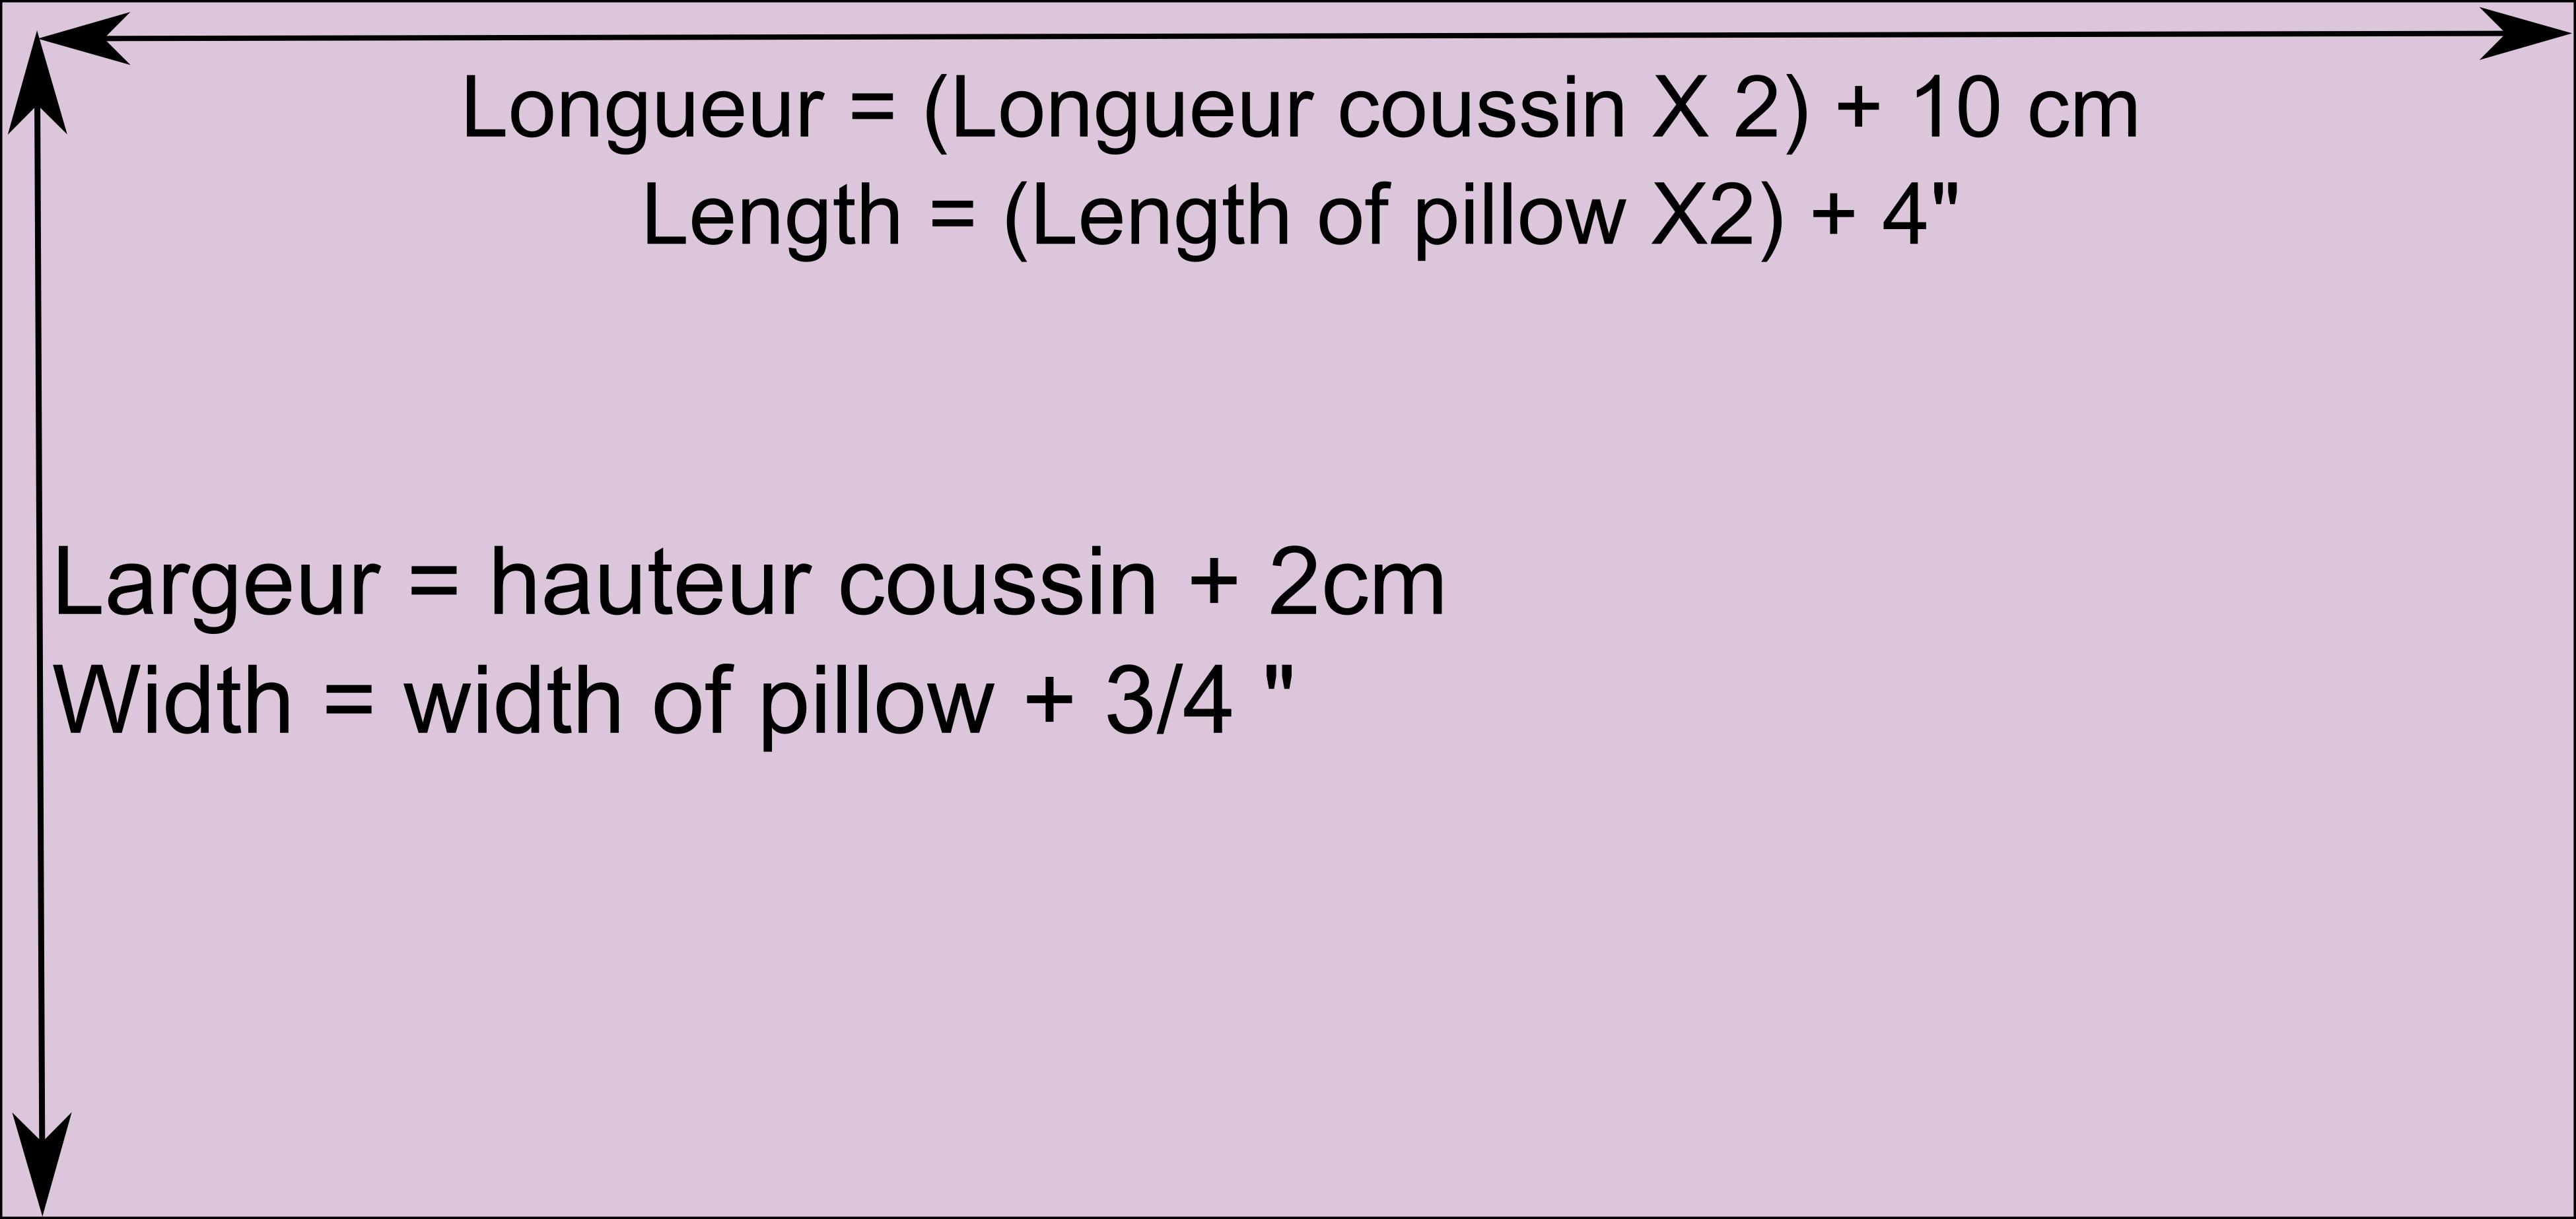 Couture Faire Des Housses De Coussins tuto : housse de coussin portefeuille - couture stuff